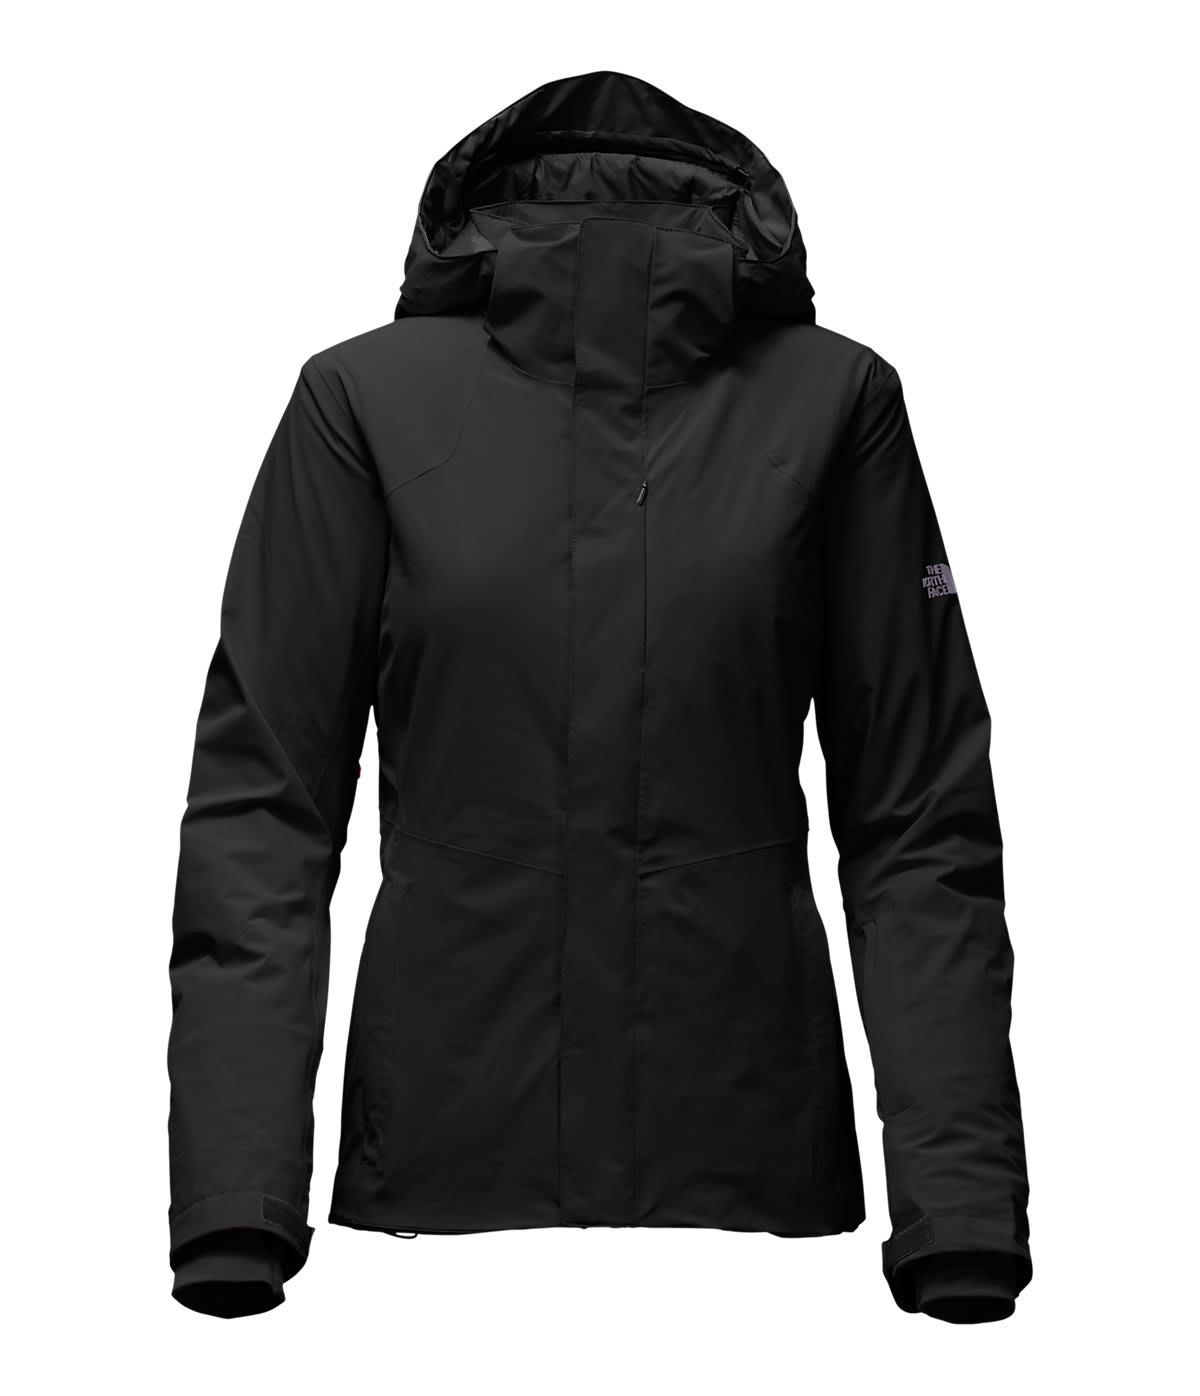 Clearance ski jackets womens